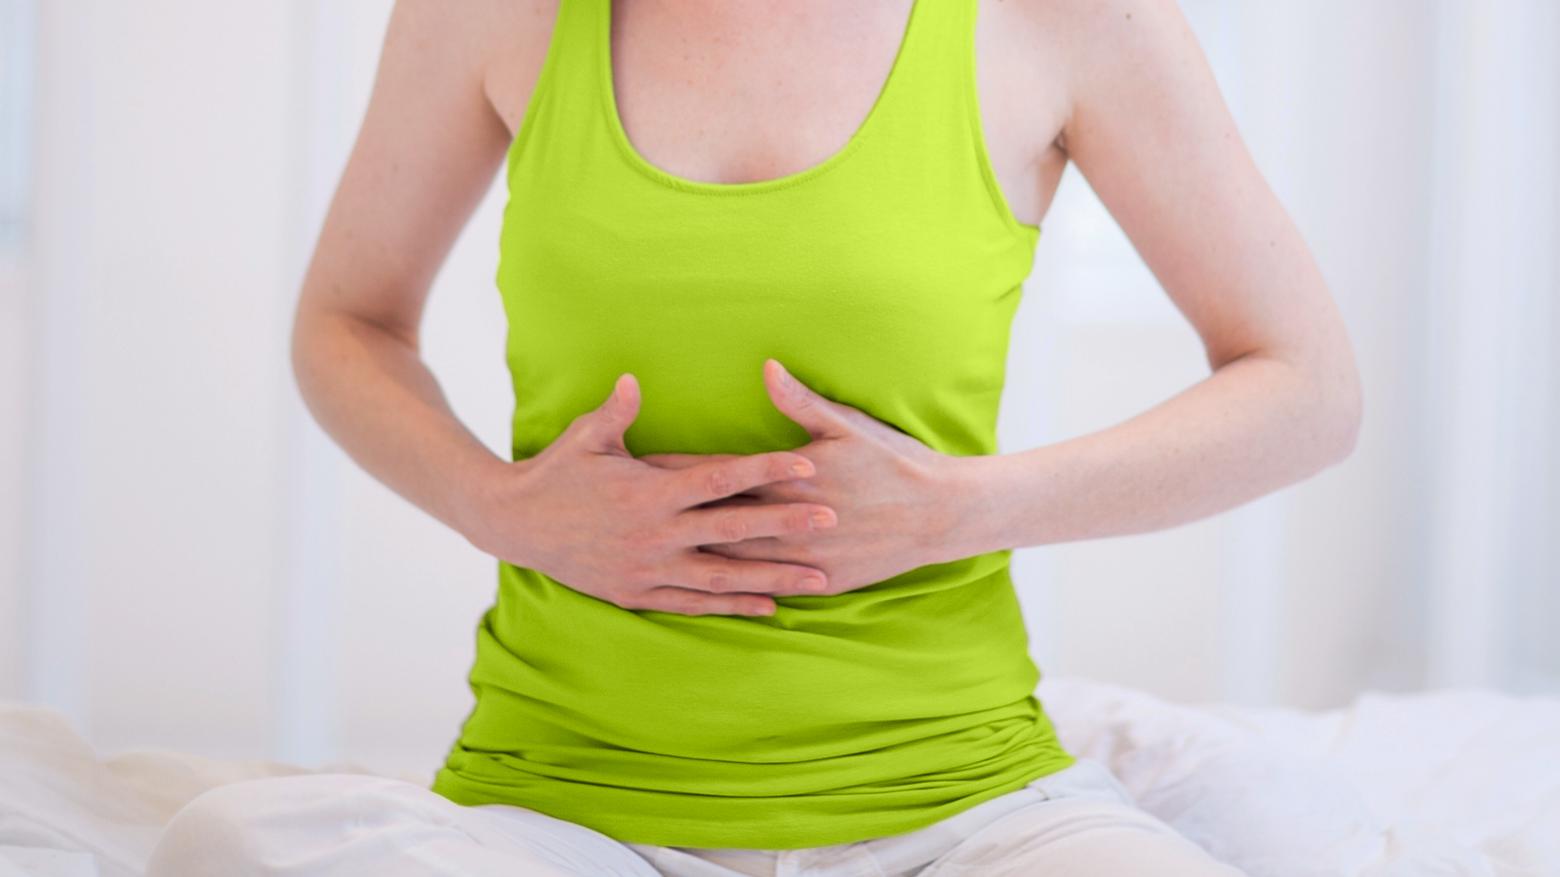 Antimetil vhodný v prípade prejedenia sa, či pri zmene stravovacích návykov počas dovolenky